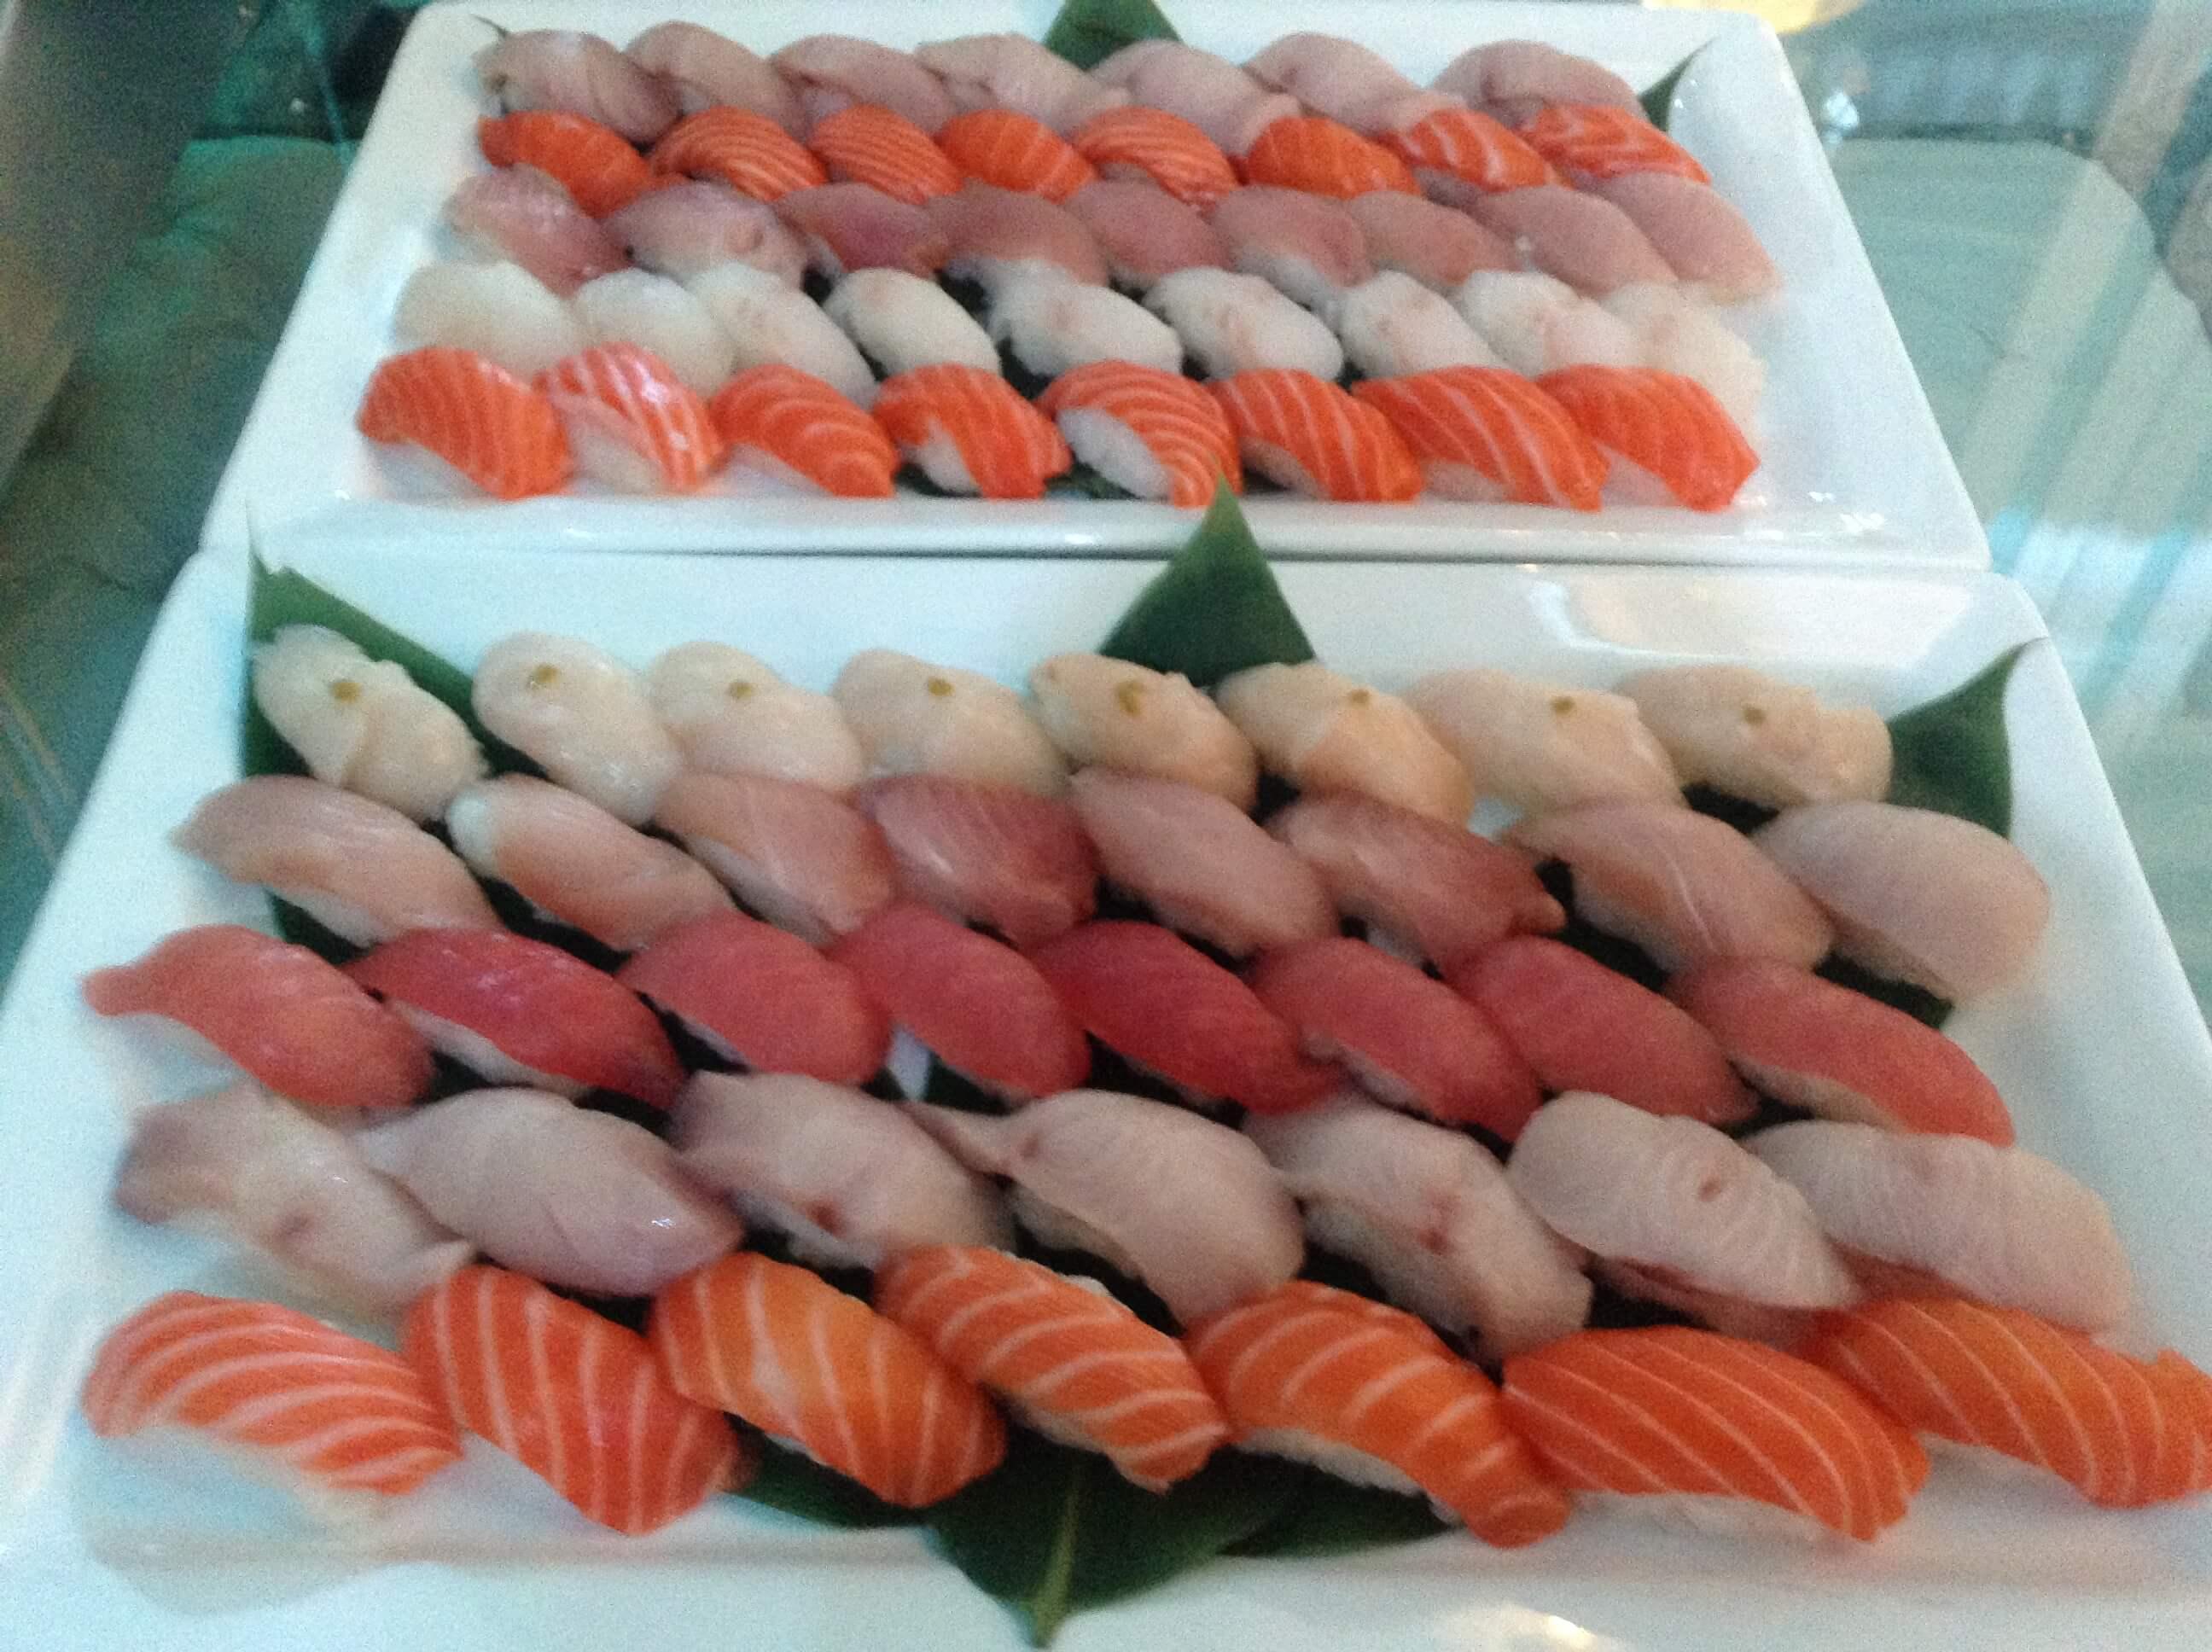 SHU - Sushi-2027226688